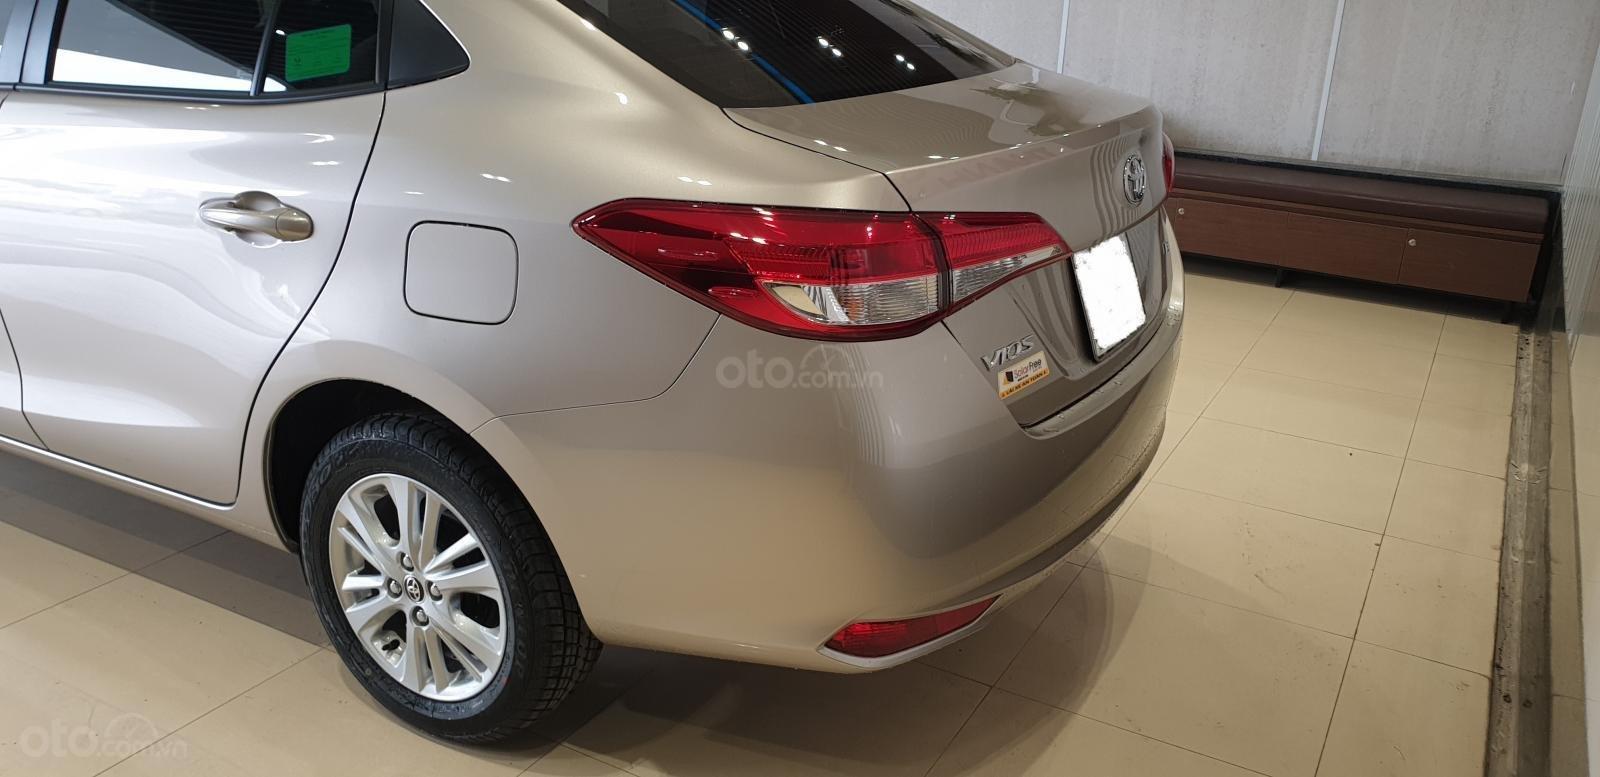 Toyota Vios 1.5E số sàn giao ngay, chiết khấu tiền mặt, tặng gói phụ kiện chính hãng, hỗ trợ mua trả góp 85% giá trị xe-3